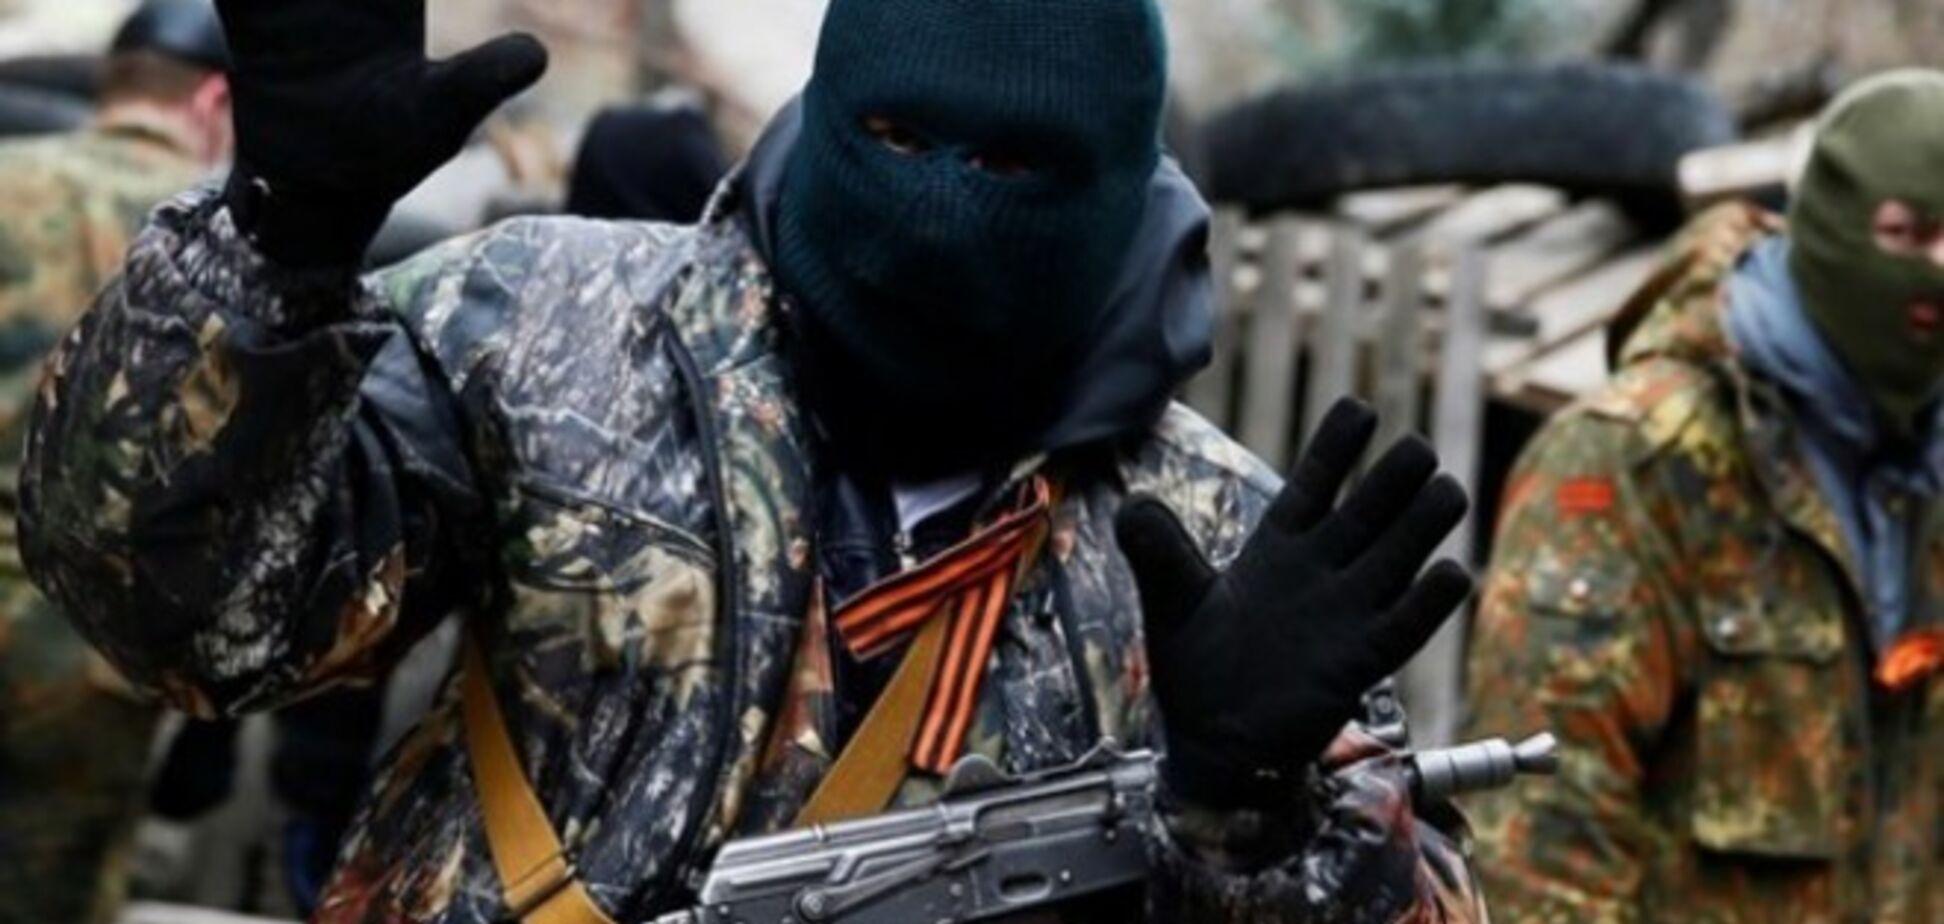 Рада приняла законы Порошенко об особом статусе Донбасса и амнистии террористов